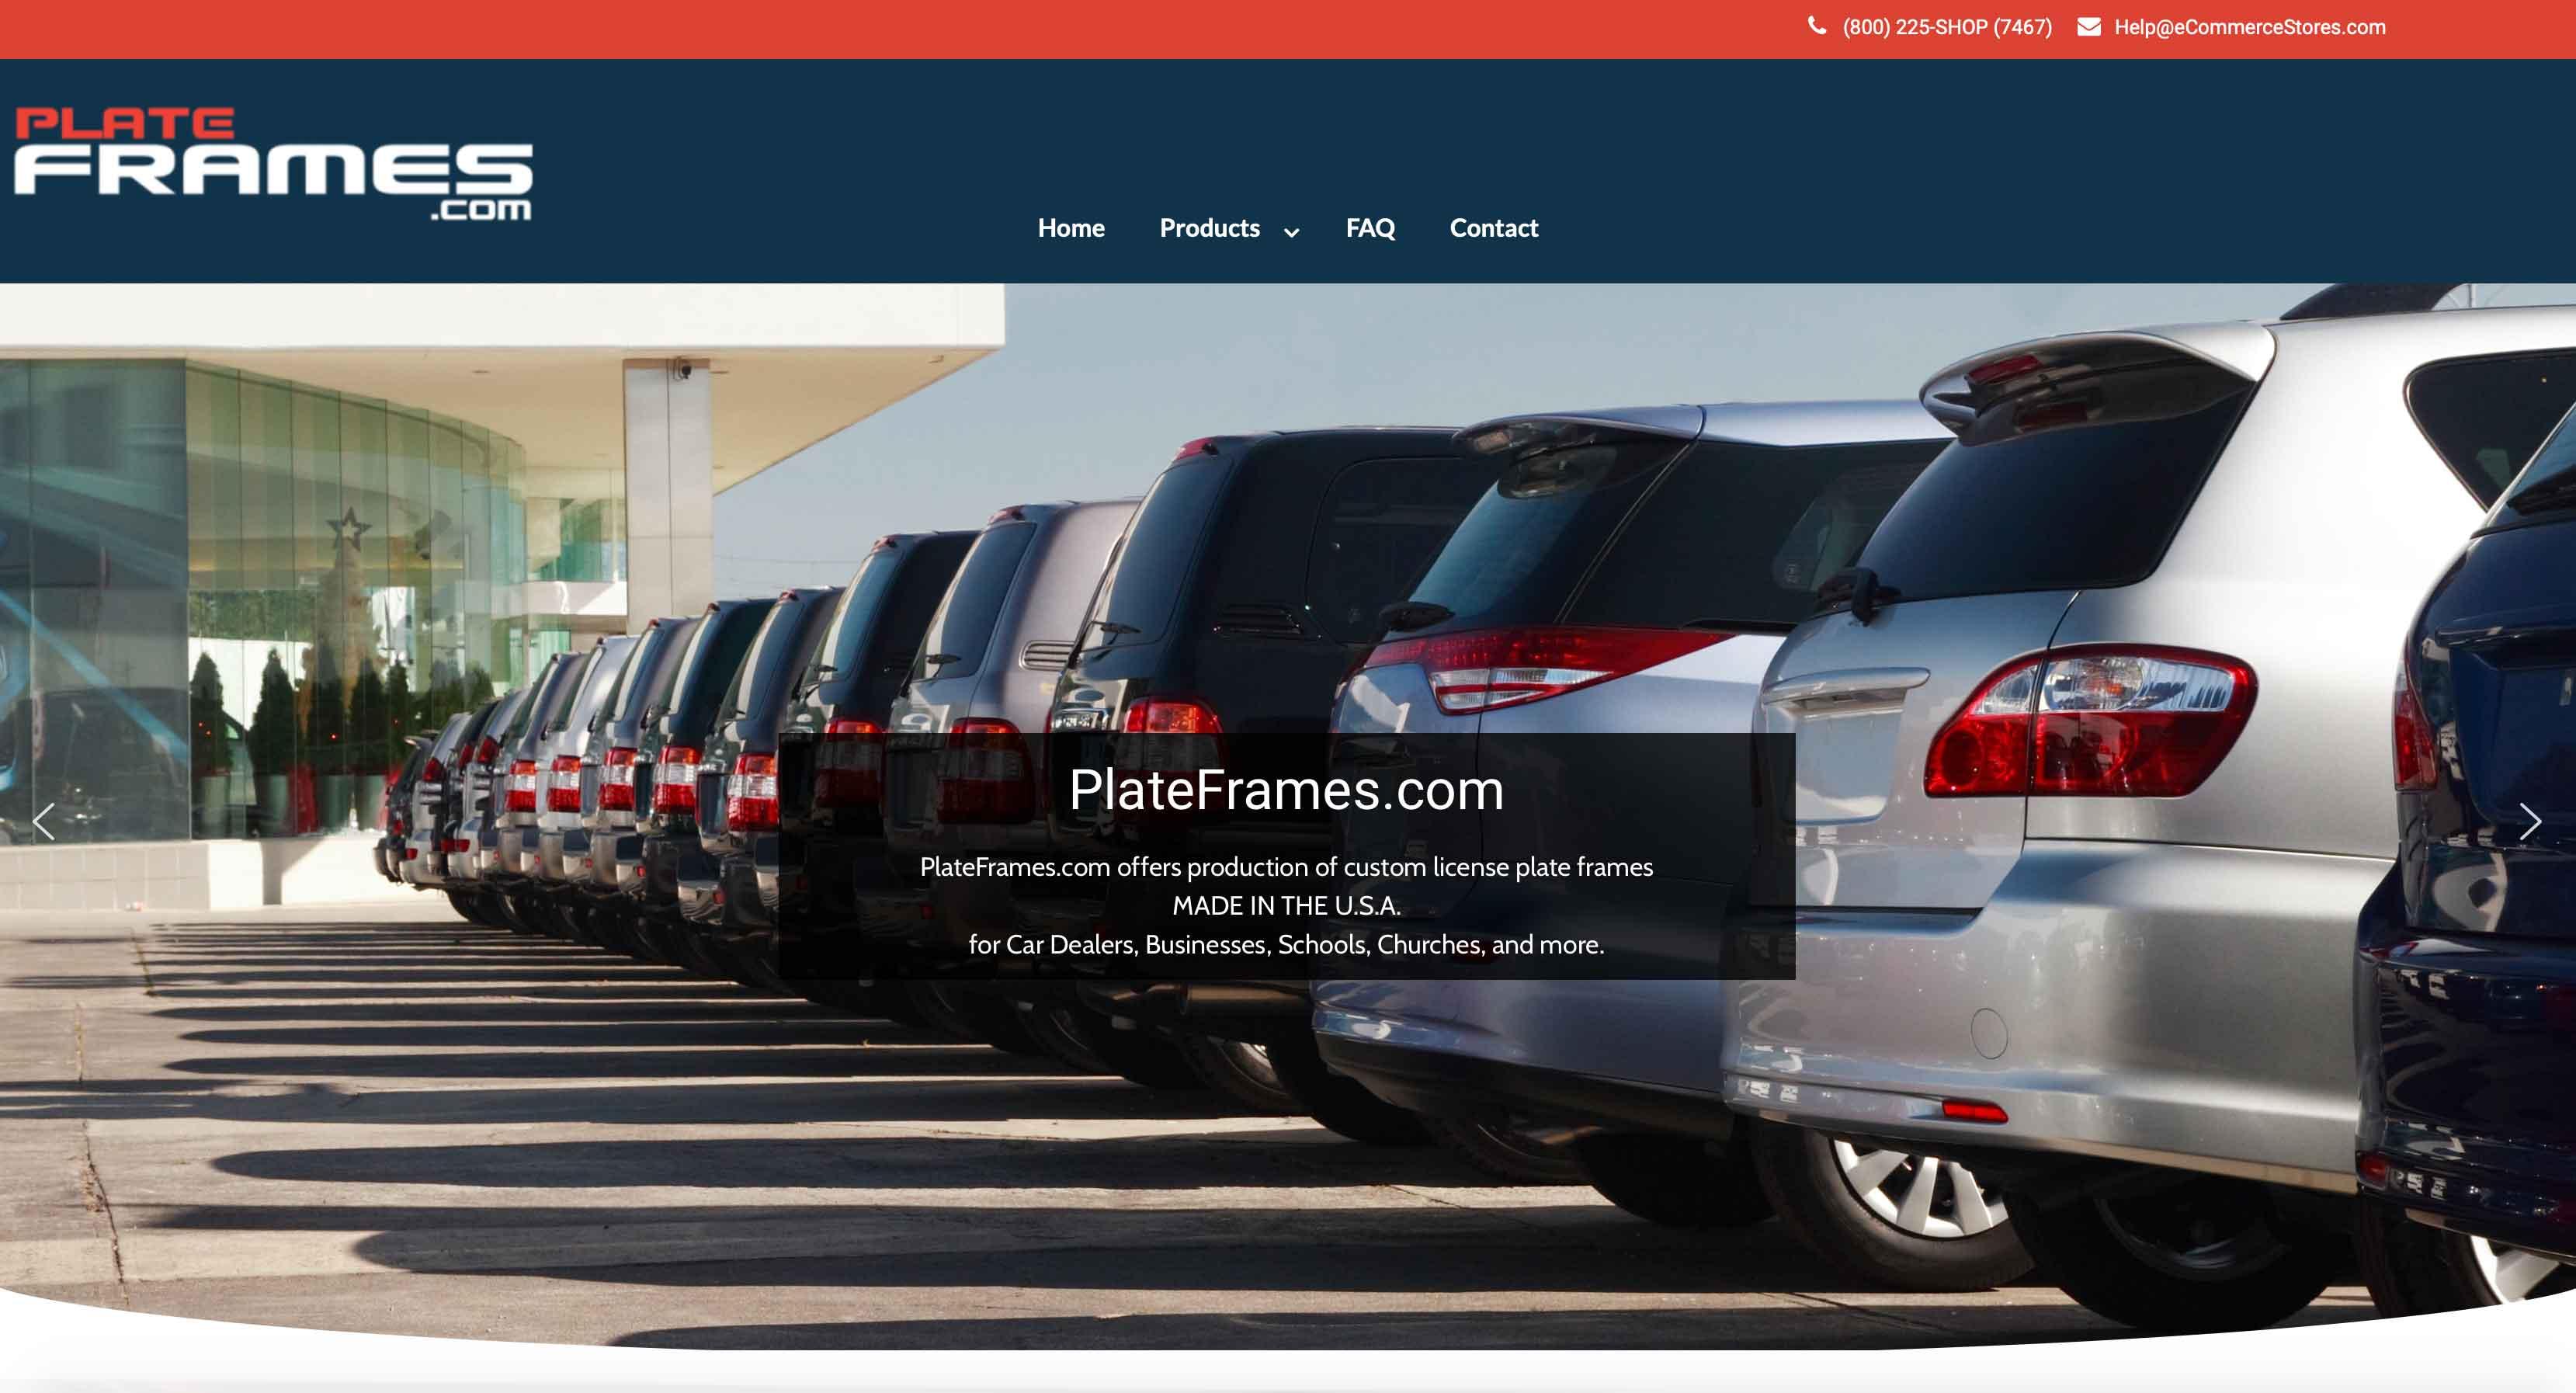 plateframes.com